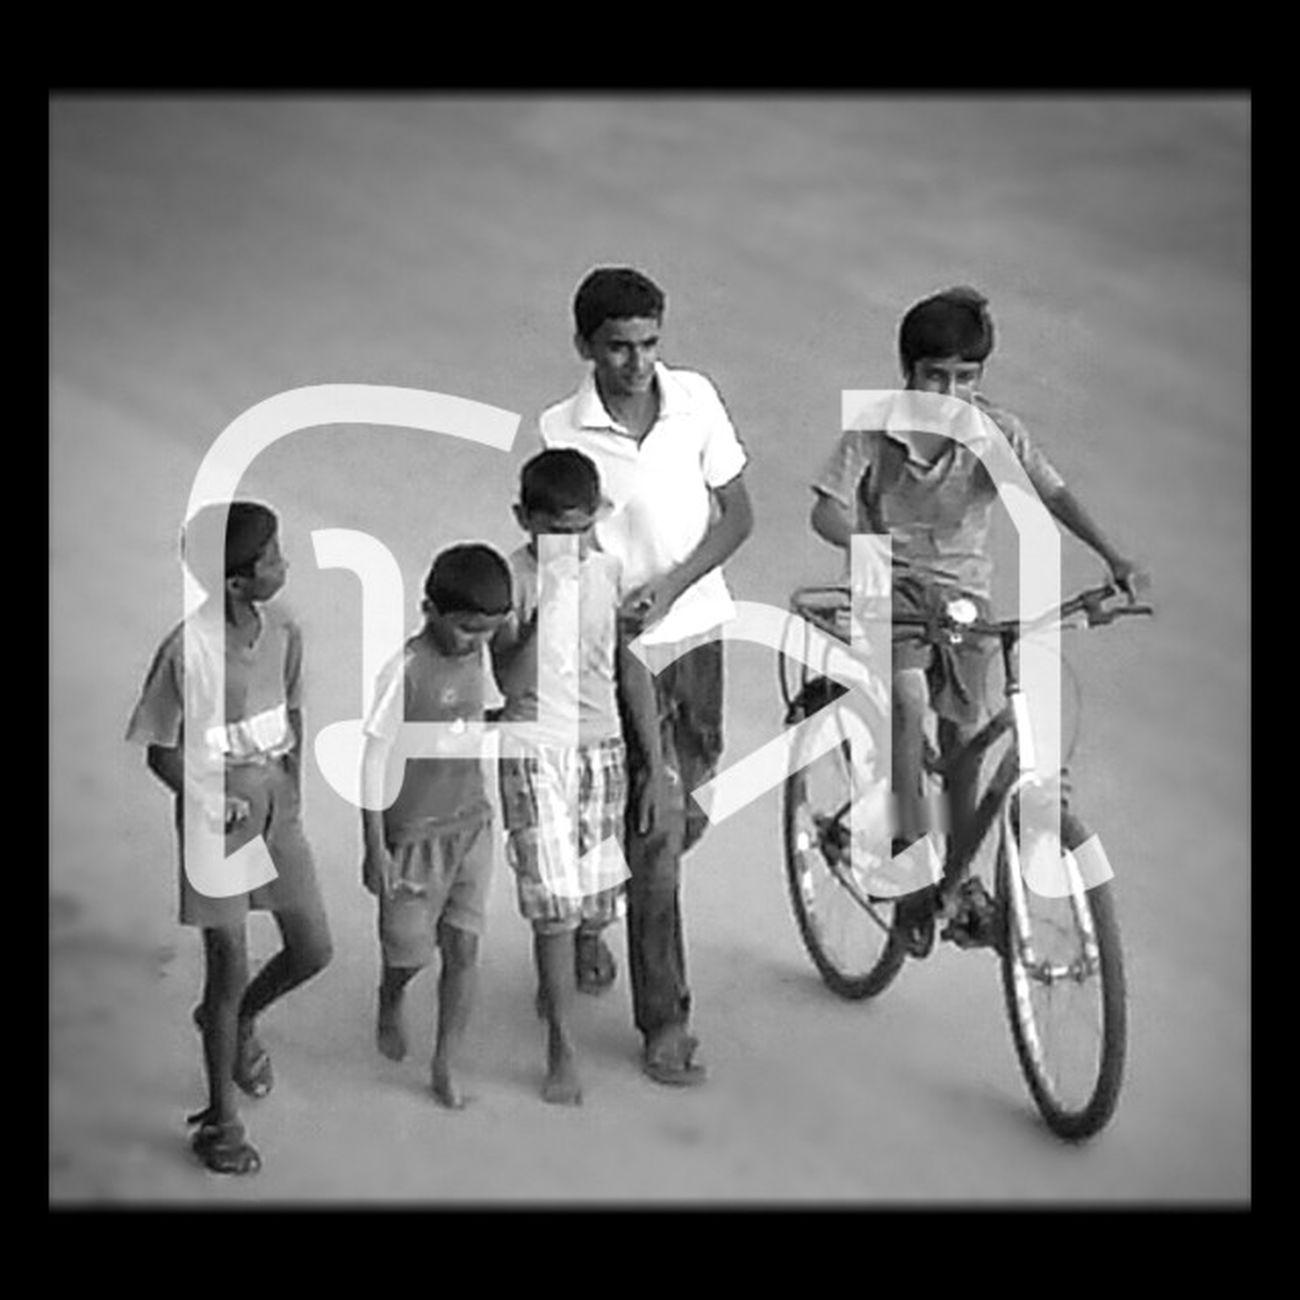 મિત્રો (Friends) Typographyindia Desi_diaries Vscoinda Instagram_ahmedabad Ahmedabad_instagram Desi_diaries Vscocam Lumiaphotography Lumiaclubindia Lumia730 @ @typography.india @vsco.india @ahmedabad_instagram @ahmedabad_instagram @insta__freakss